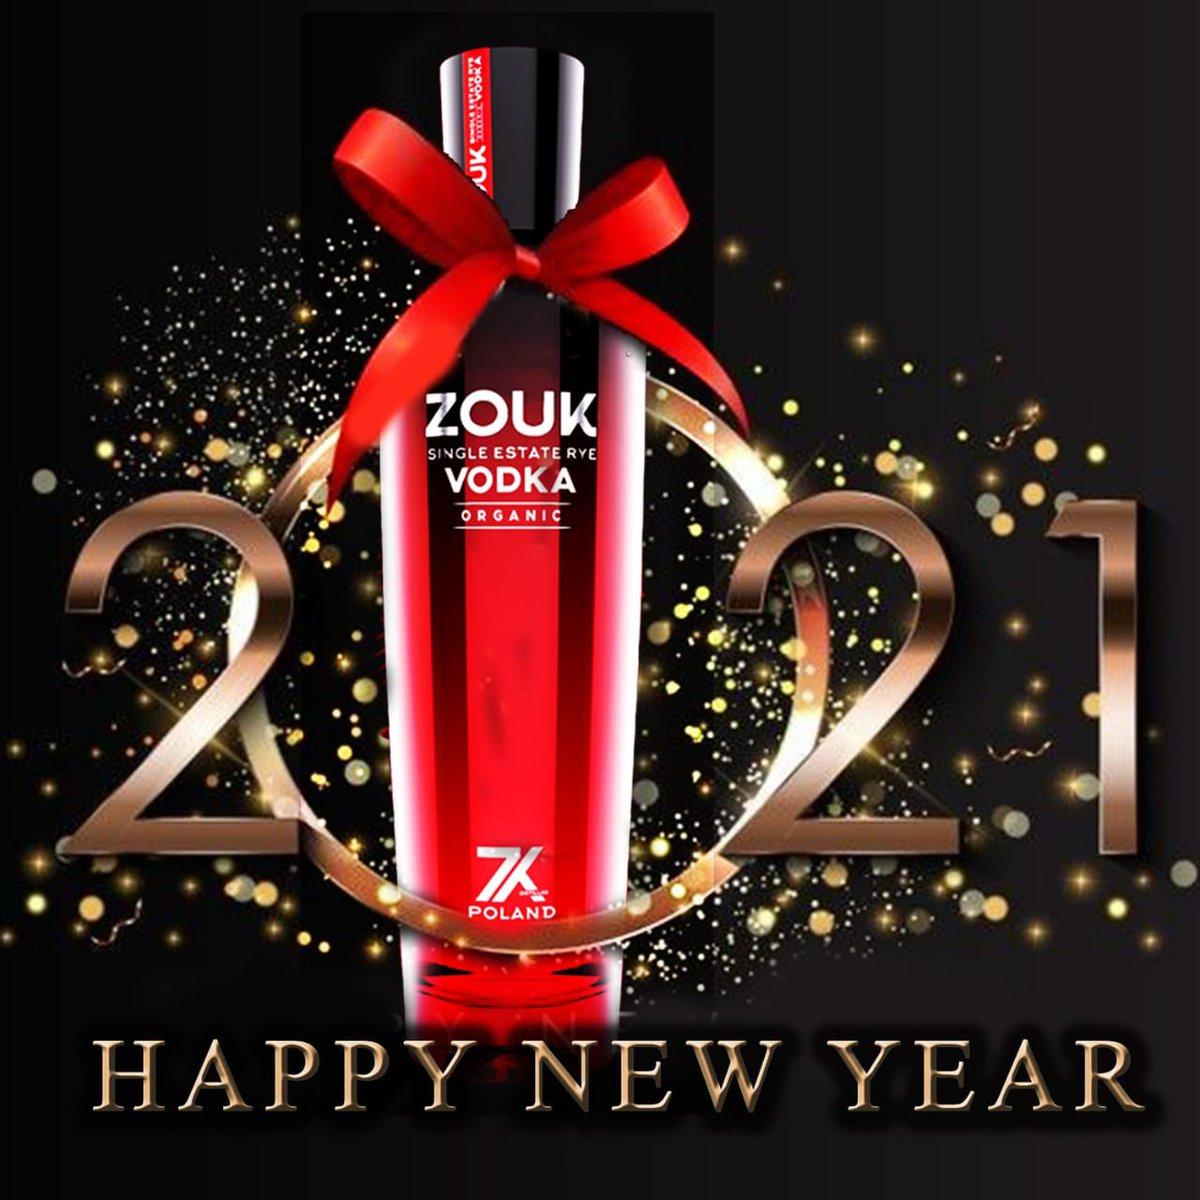 The real #celebration starts by toasting a glass.... Enjoy toasting with Zouk Vodka #HappyNewYear2021 ✨  #welcome2021 #zoukvodka #vodka #vodkashots #2021 #goodbye2020 #bye2020✌️ #celebrations #hello2021 #happynewyear